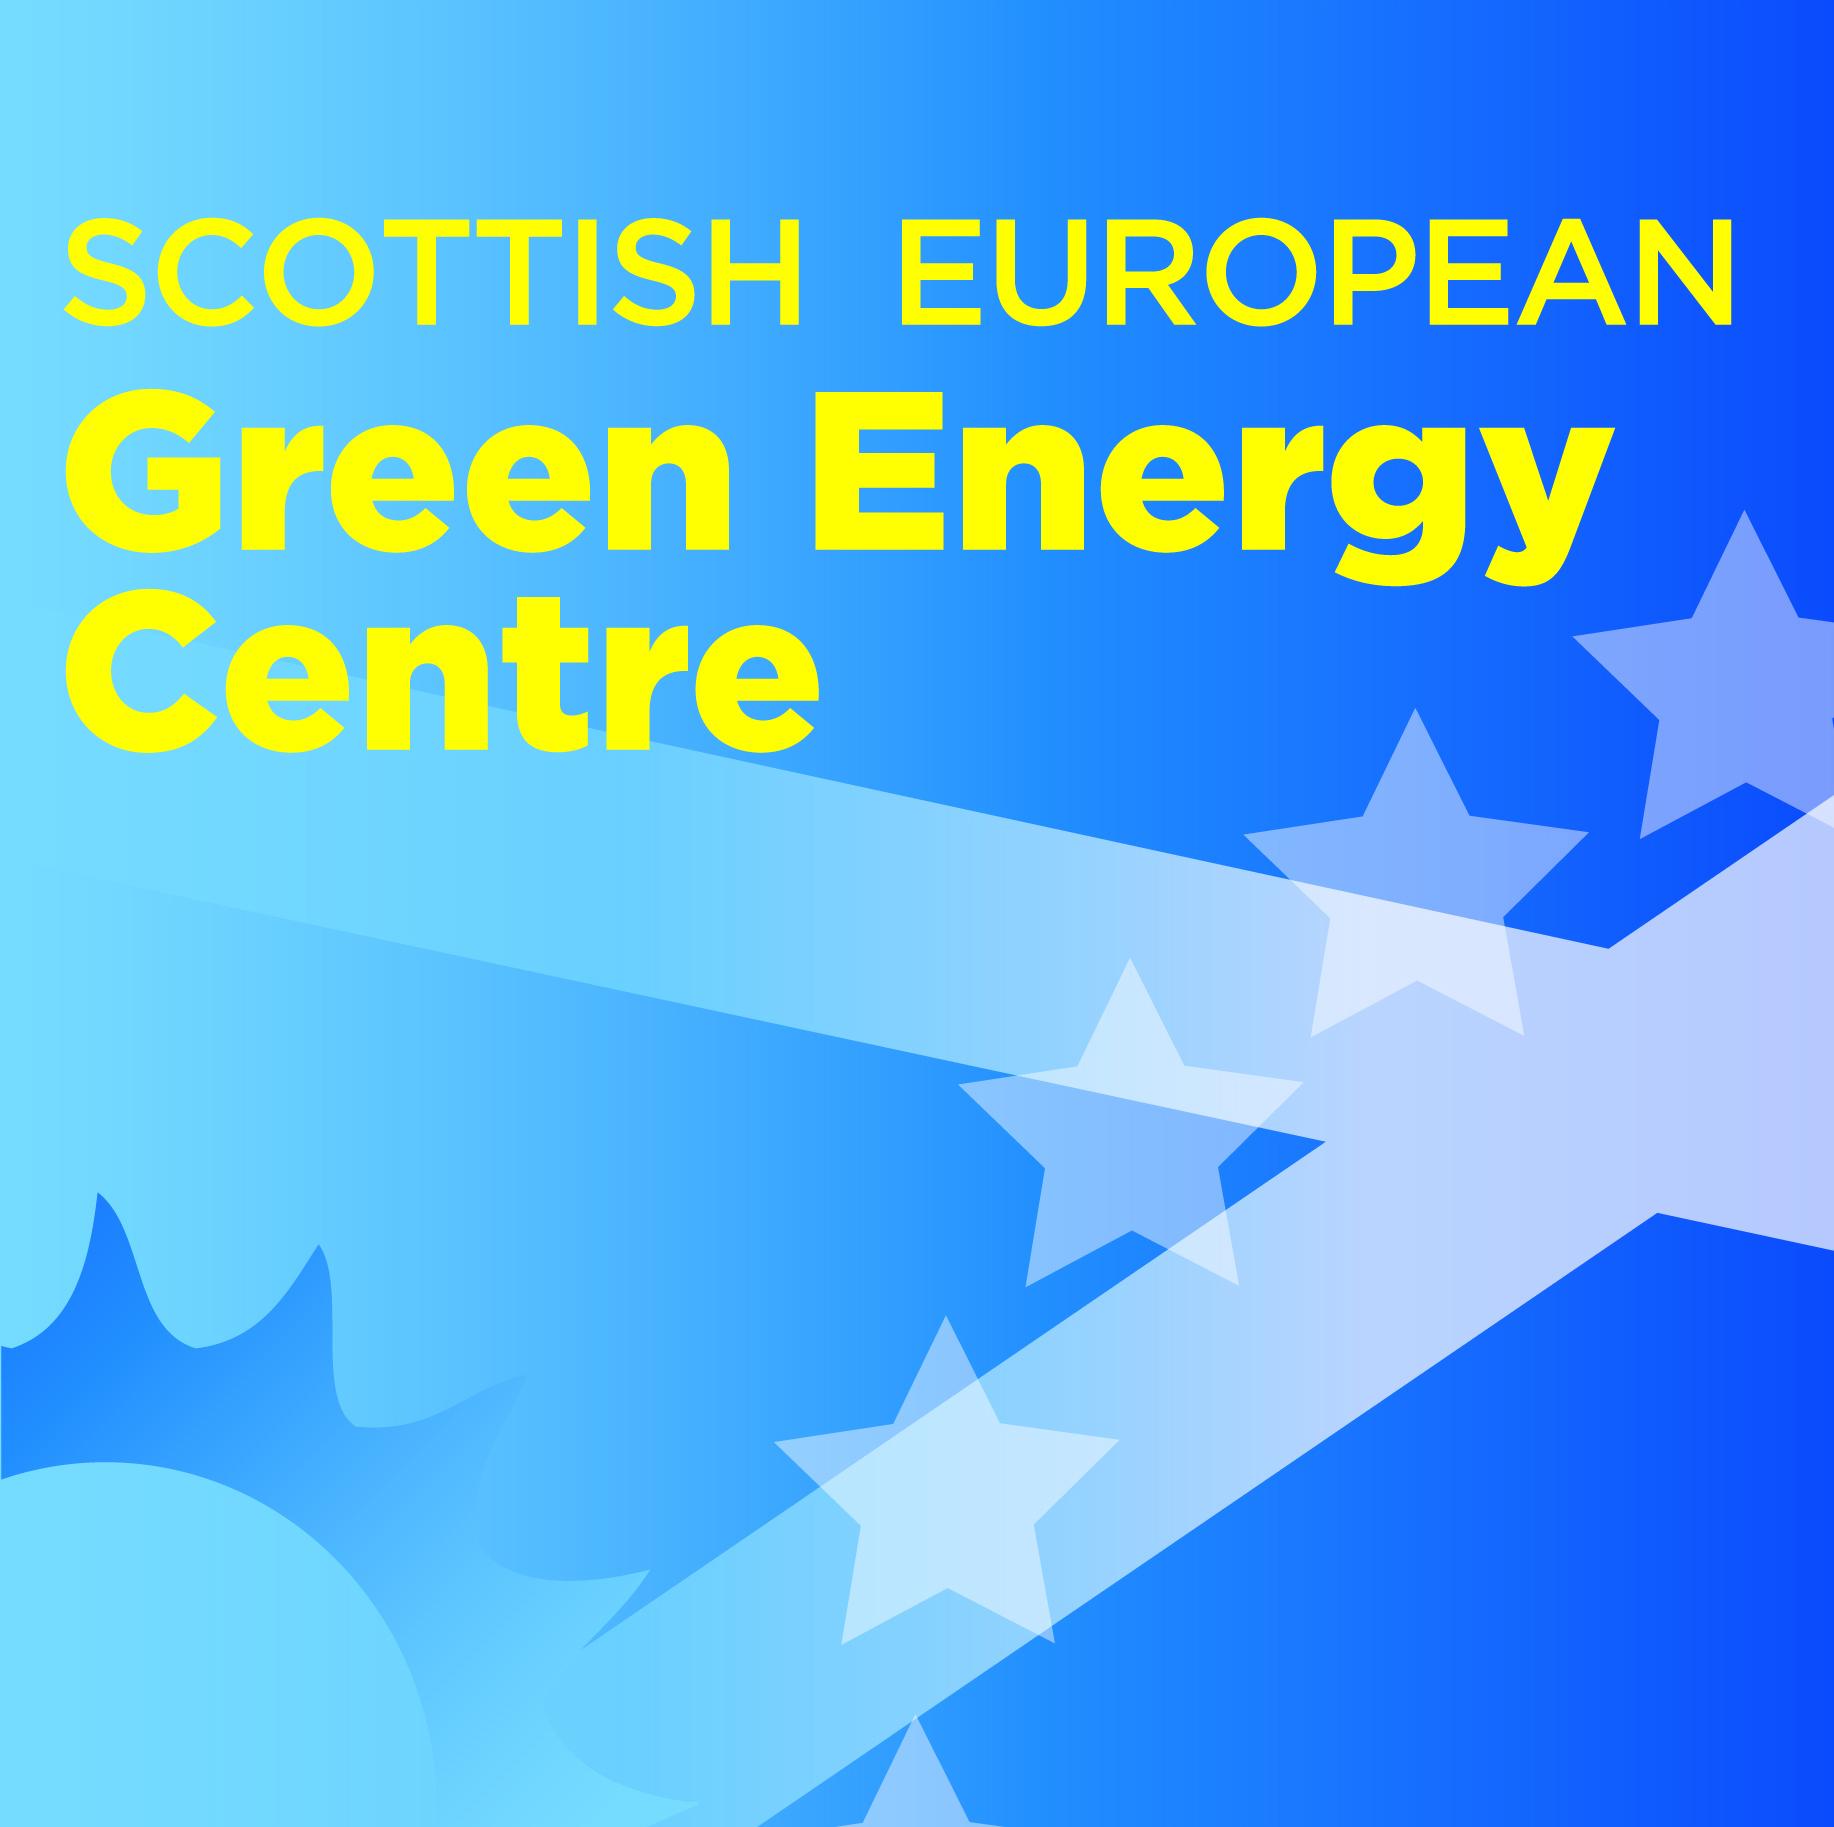 Scottish European Green Energy Center